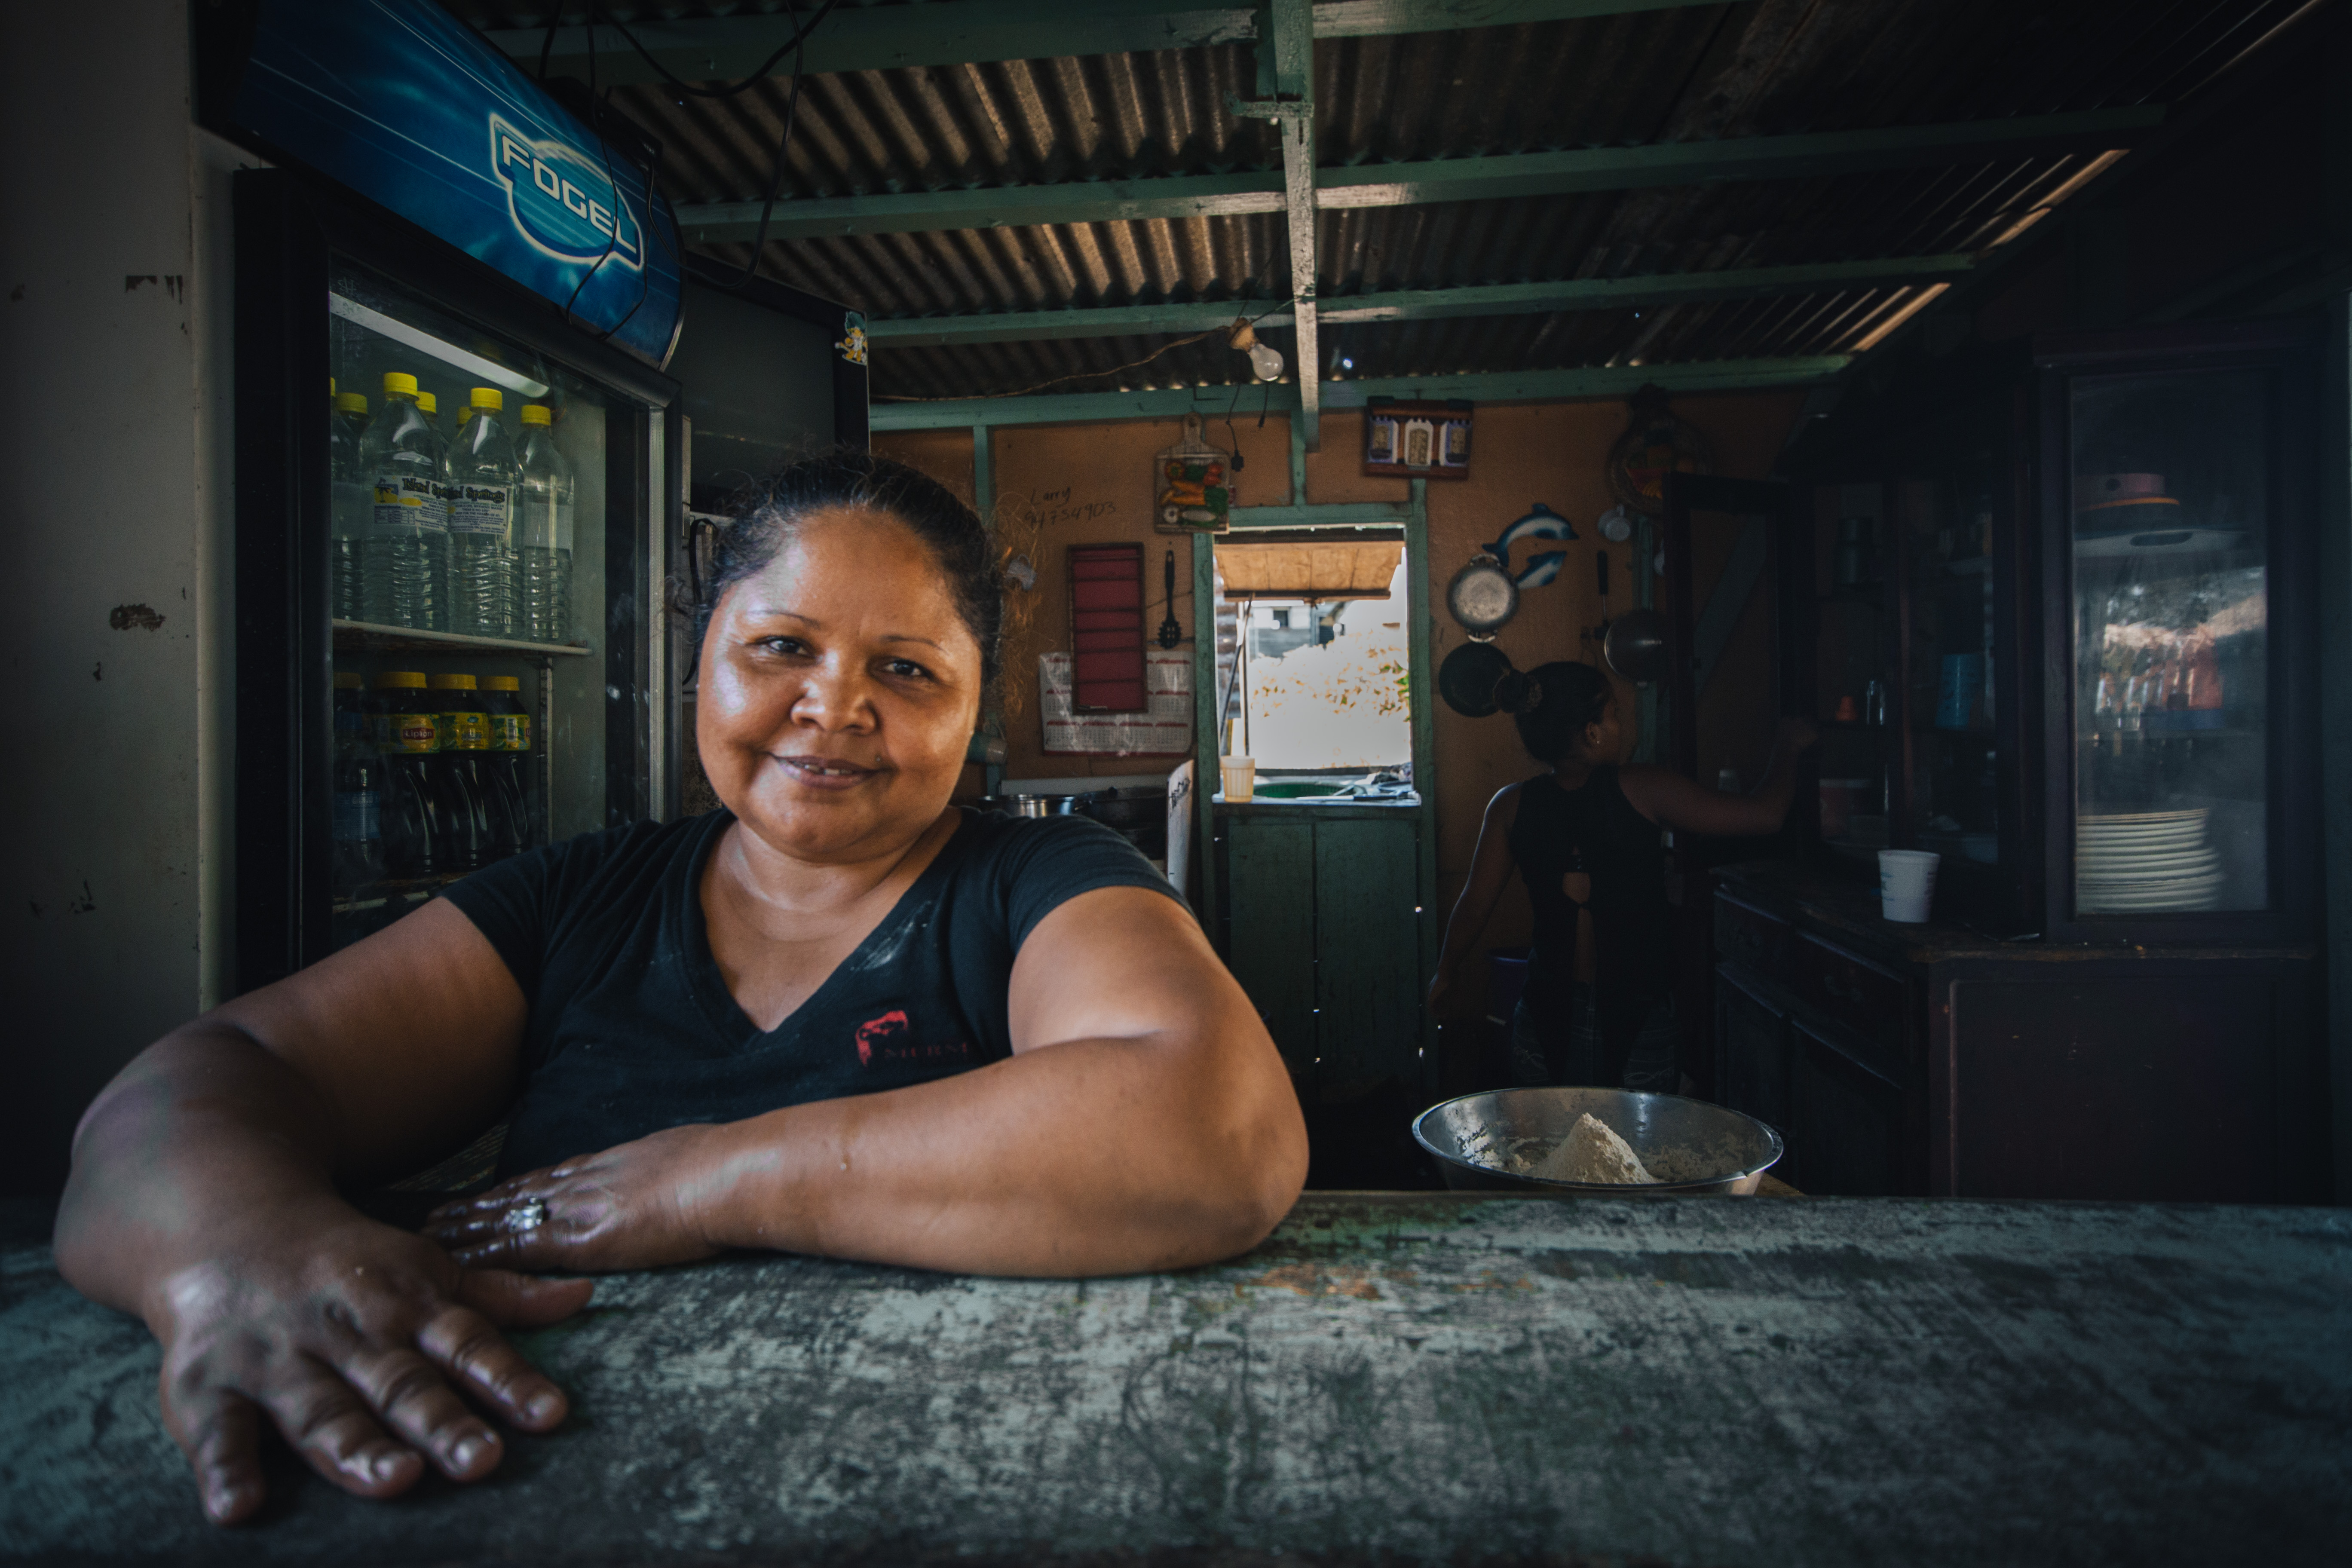 Honduras /Utila